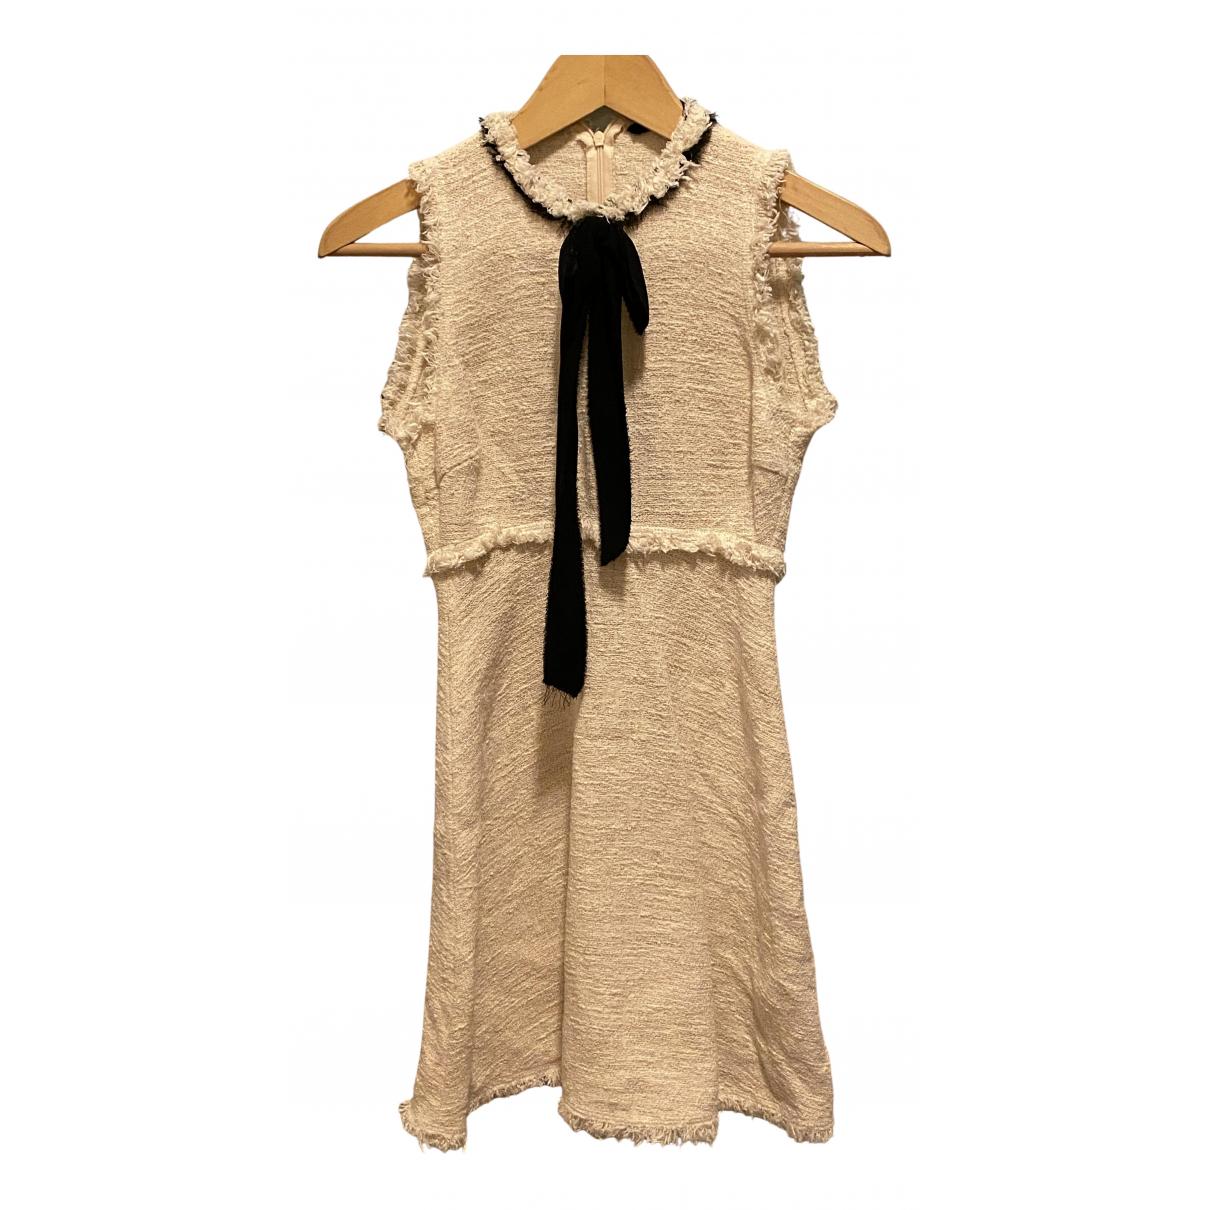 Zara \N Beige Cotton dress for Women XS International